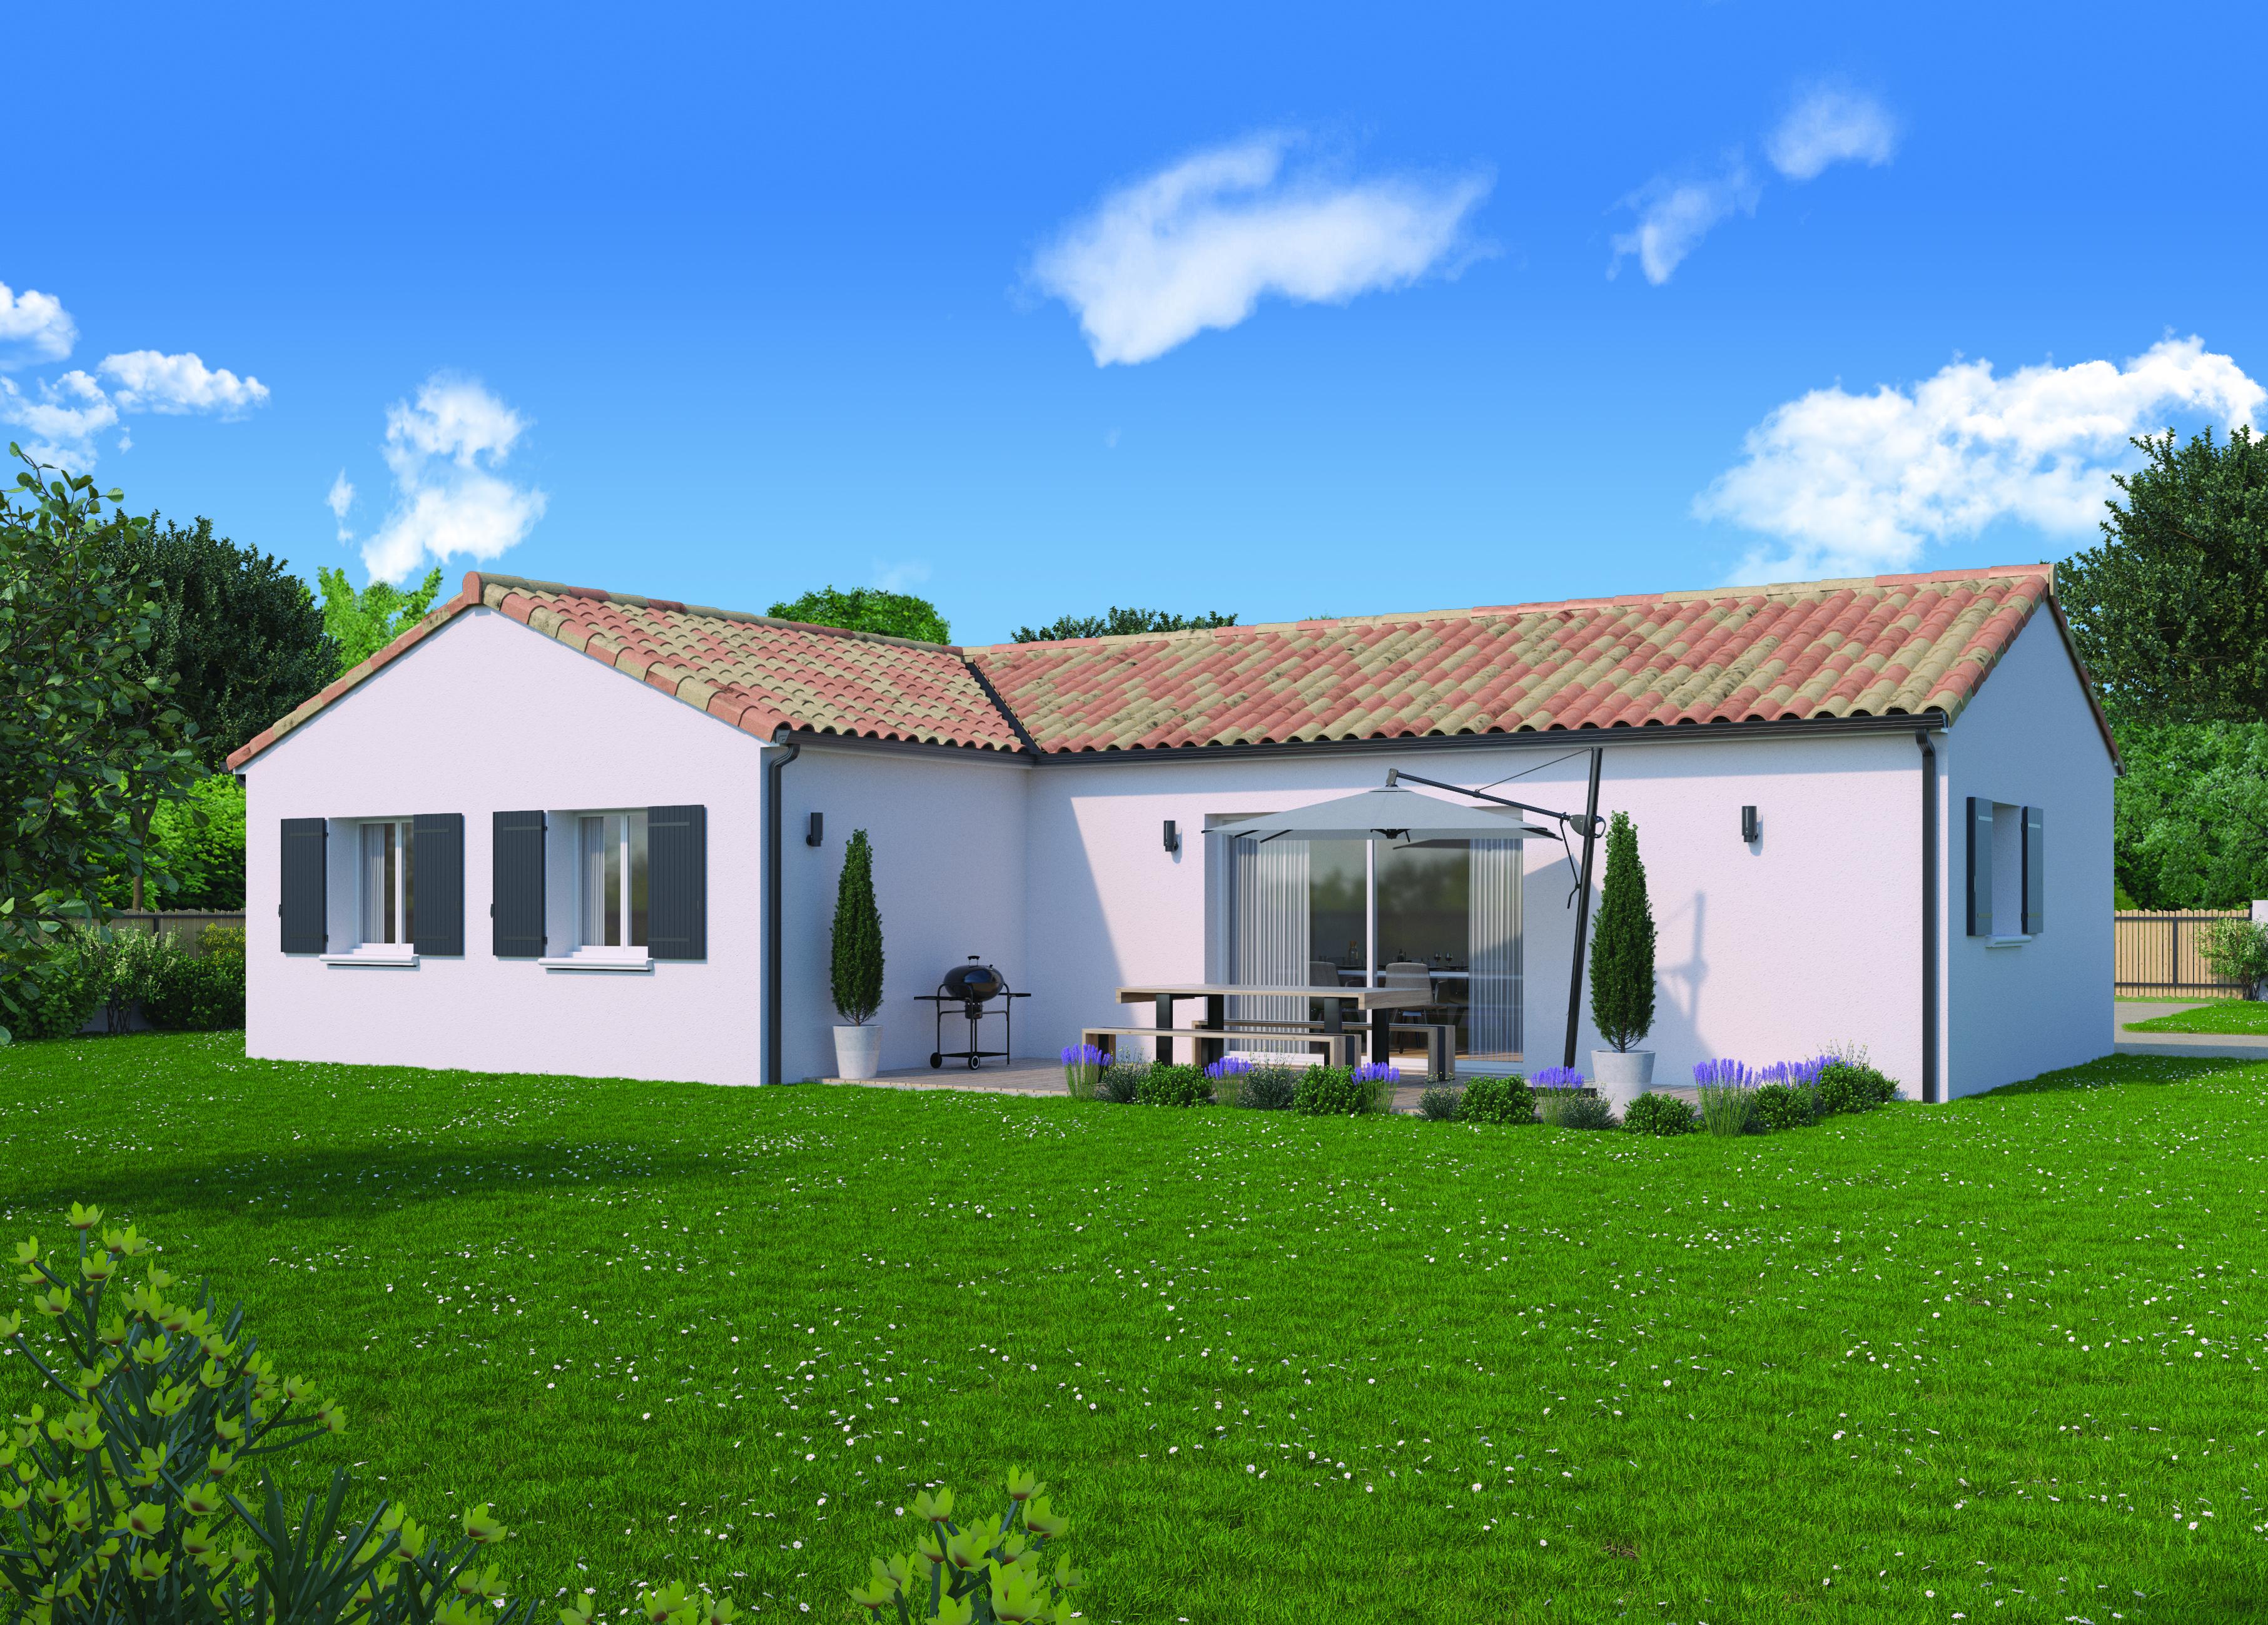 Maison à vendre à Saint-Martin-de-Gurson